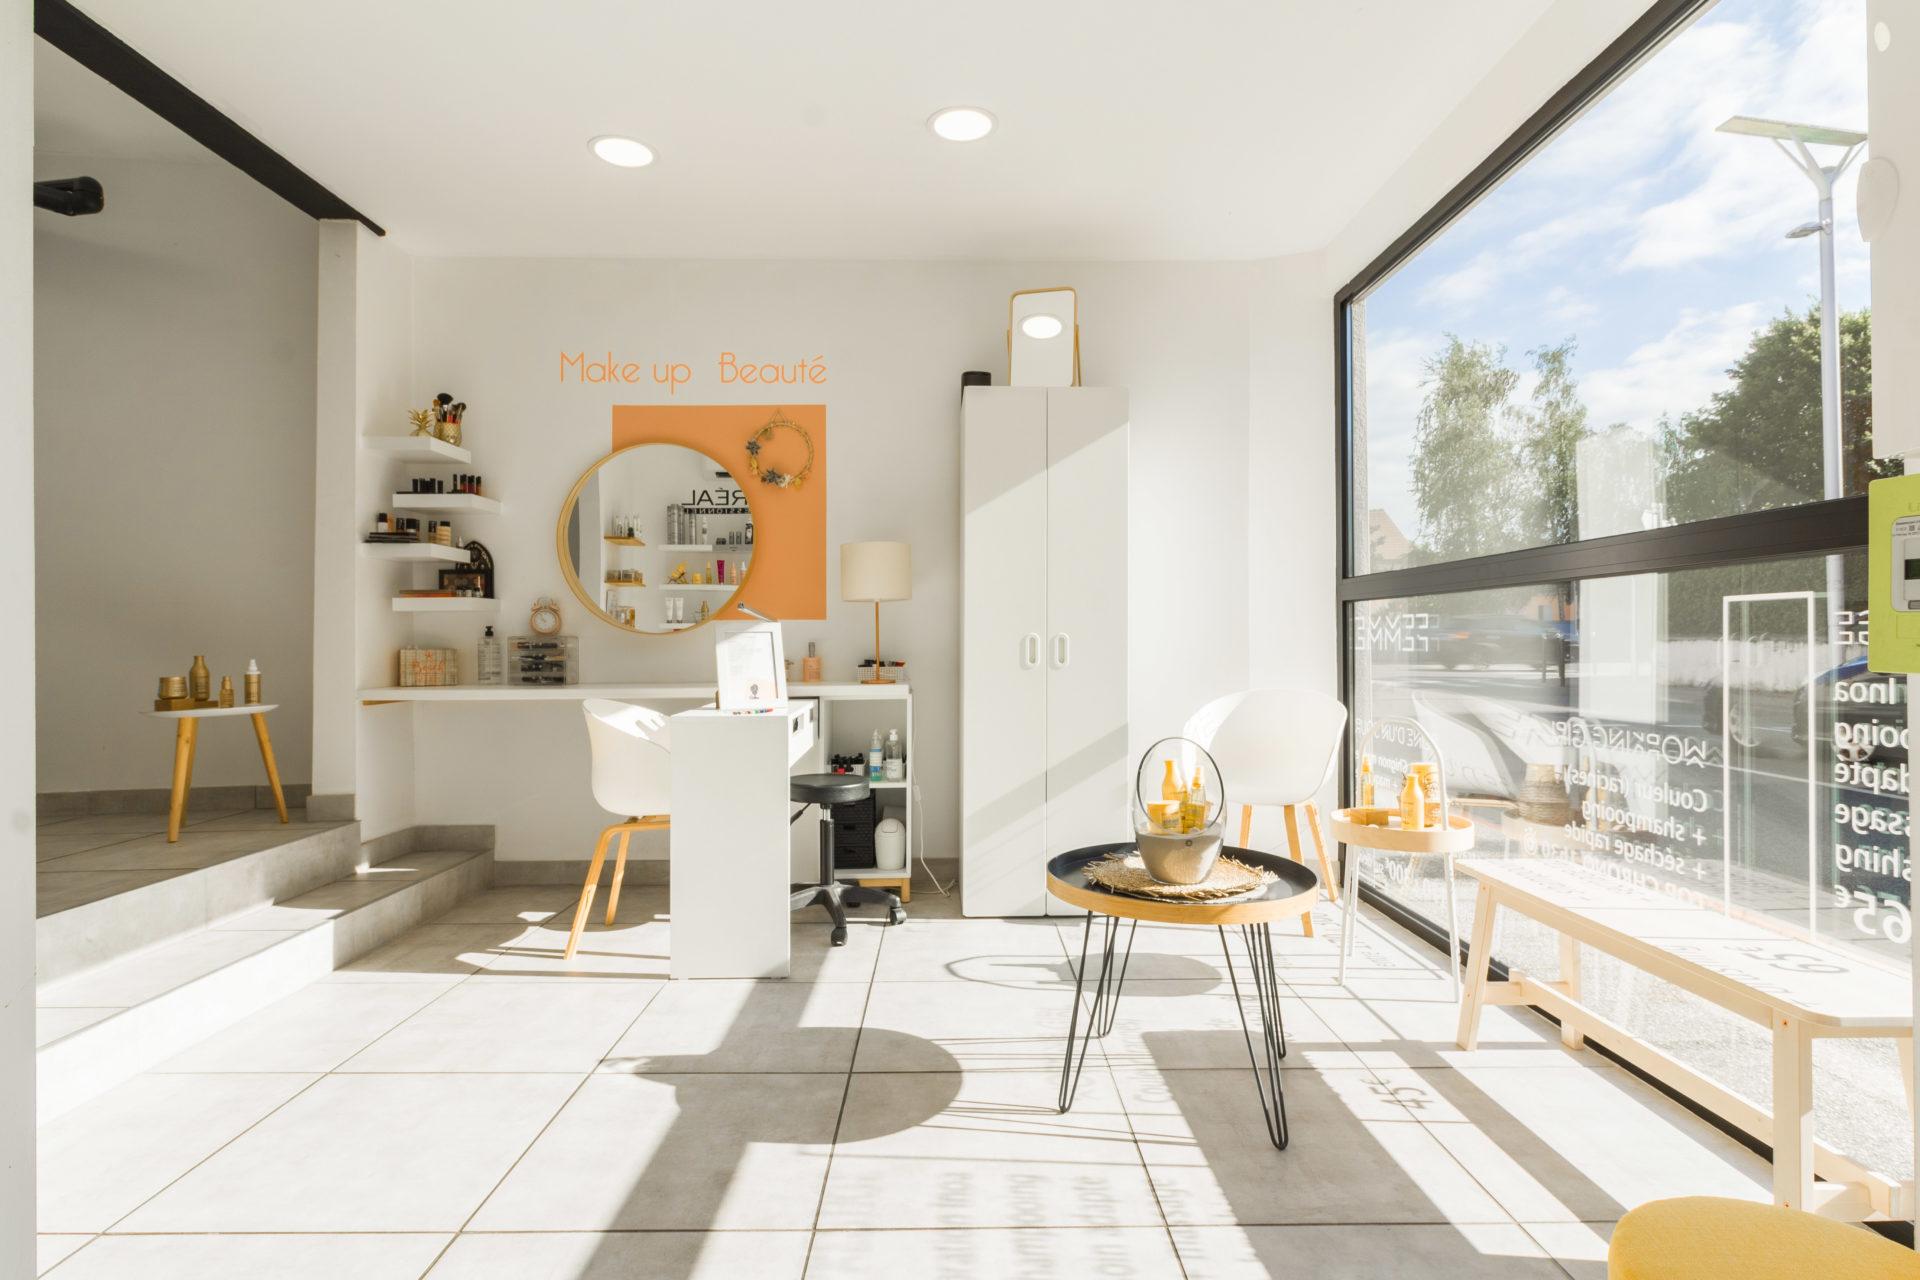 photographe-dinterieur-professionnel-photo-design-designer-sejour-cuisine-style-deco-art-decoration-architecte-decorateur-home-staging-occitanie-sud-ouest-france